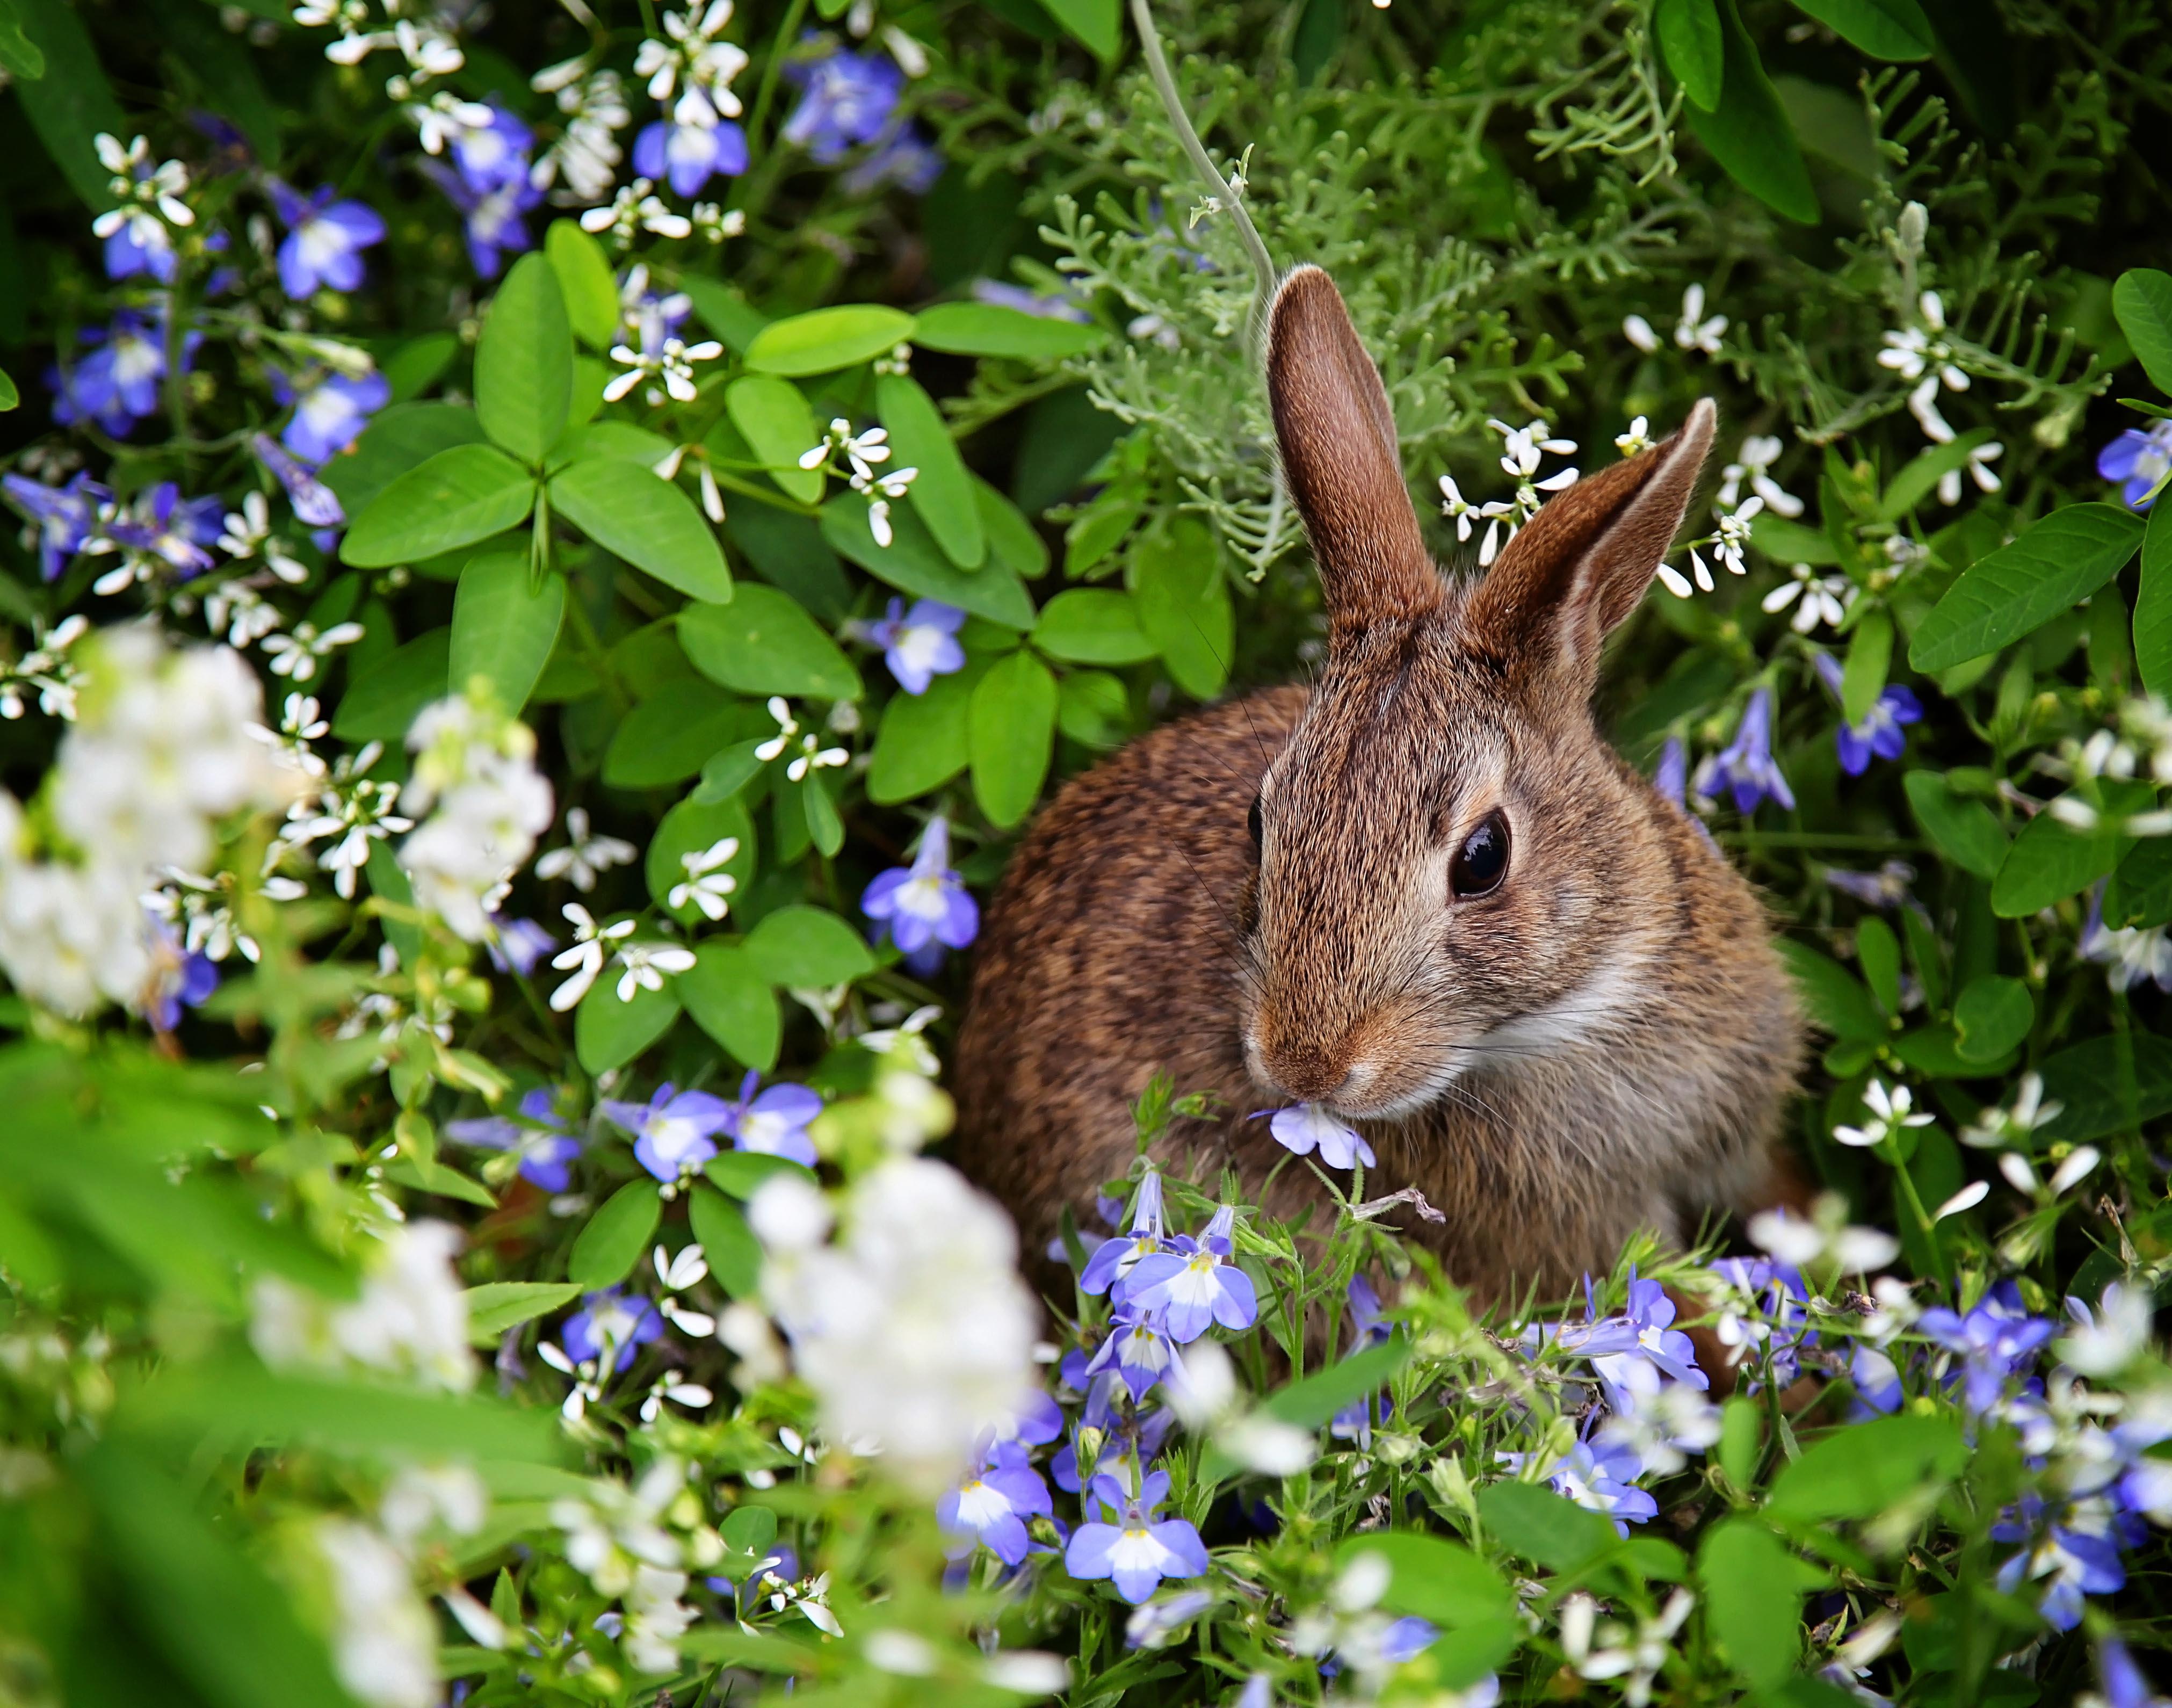 Bunny at Epcot